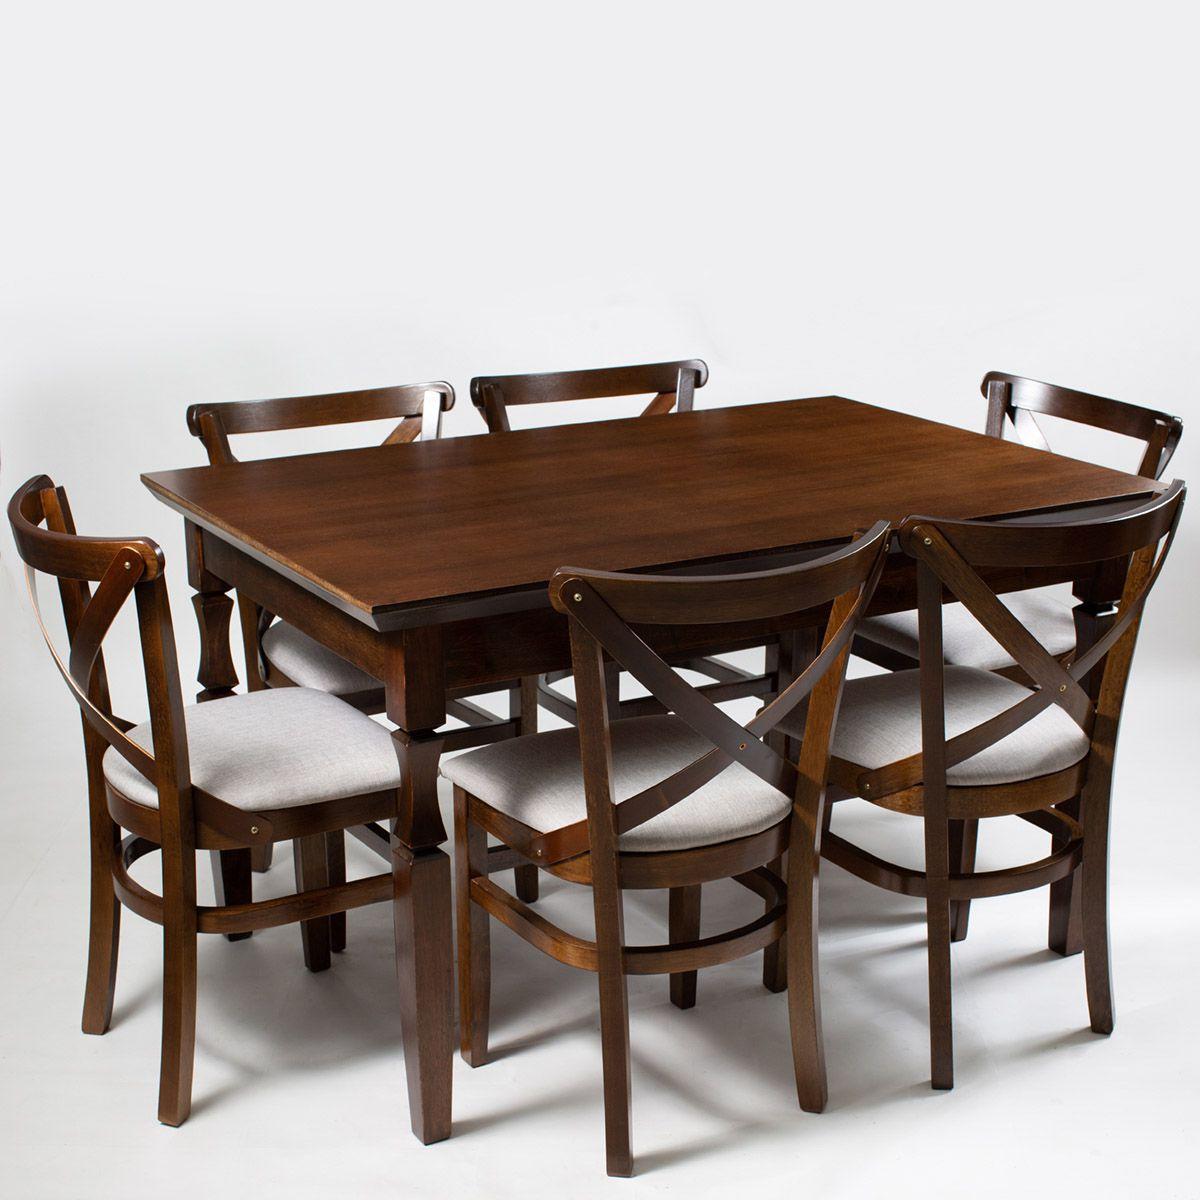 Jogo Mesa Retangular com 6 Cadeiras de Madeira Maciça